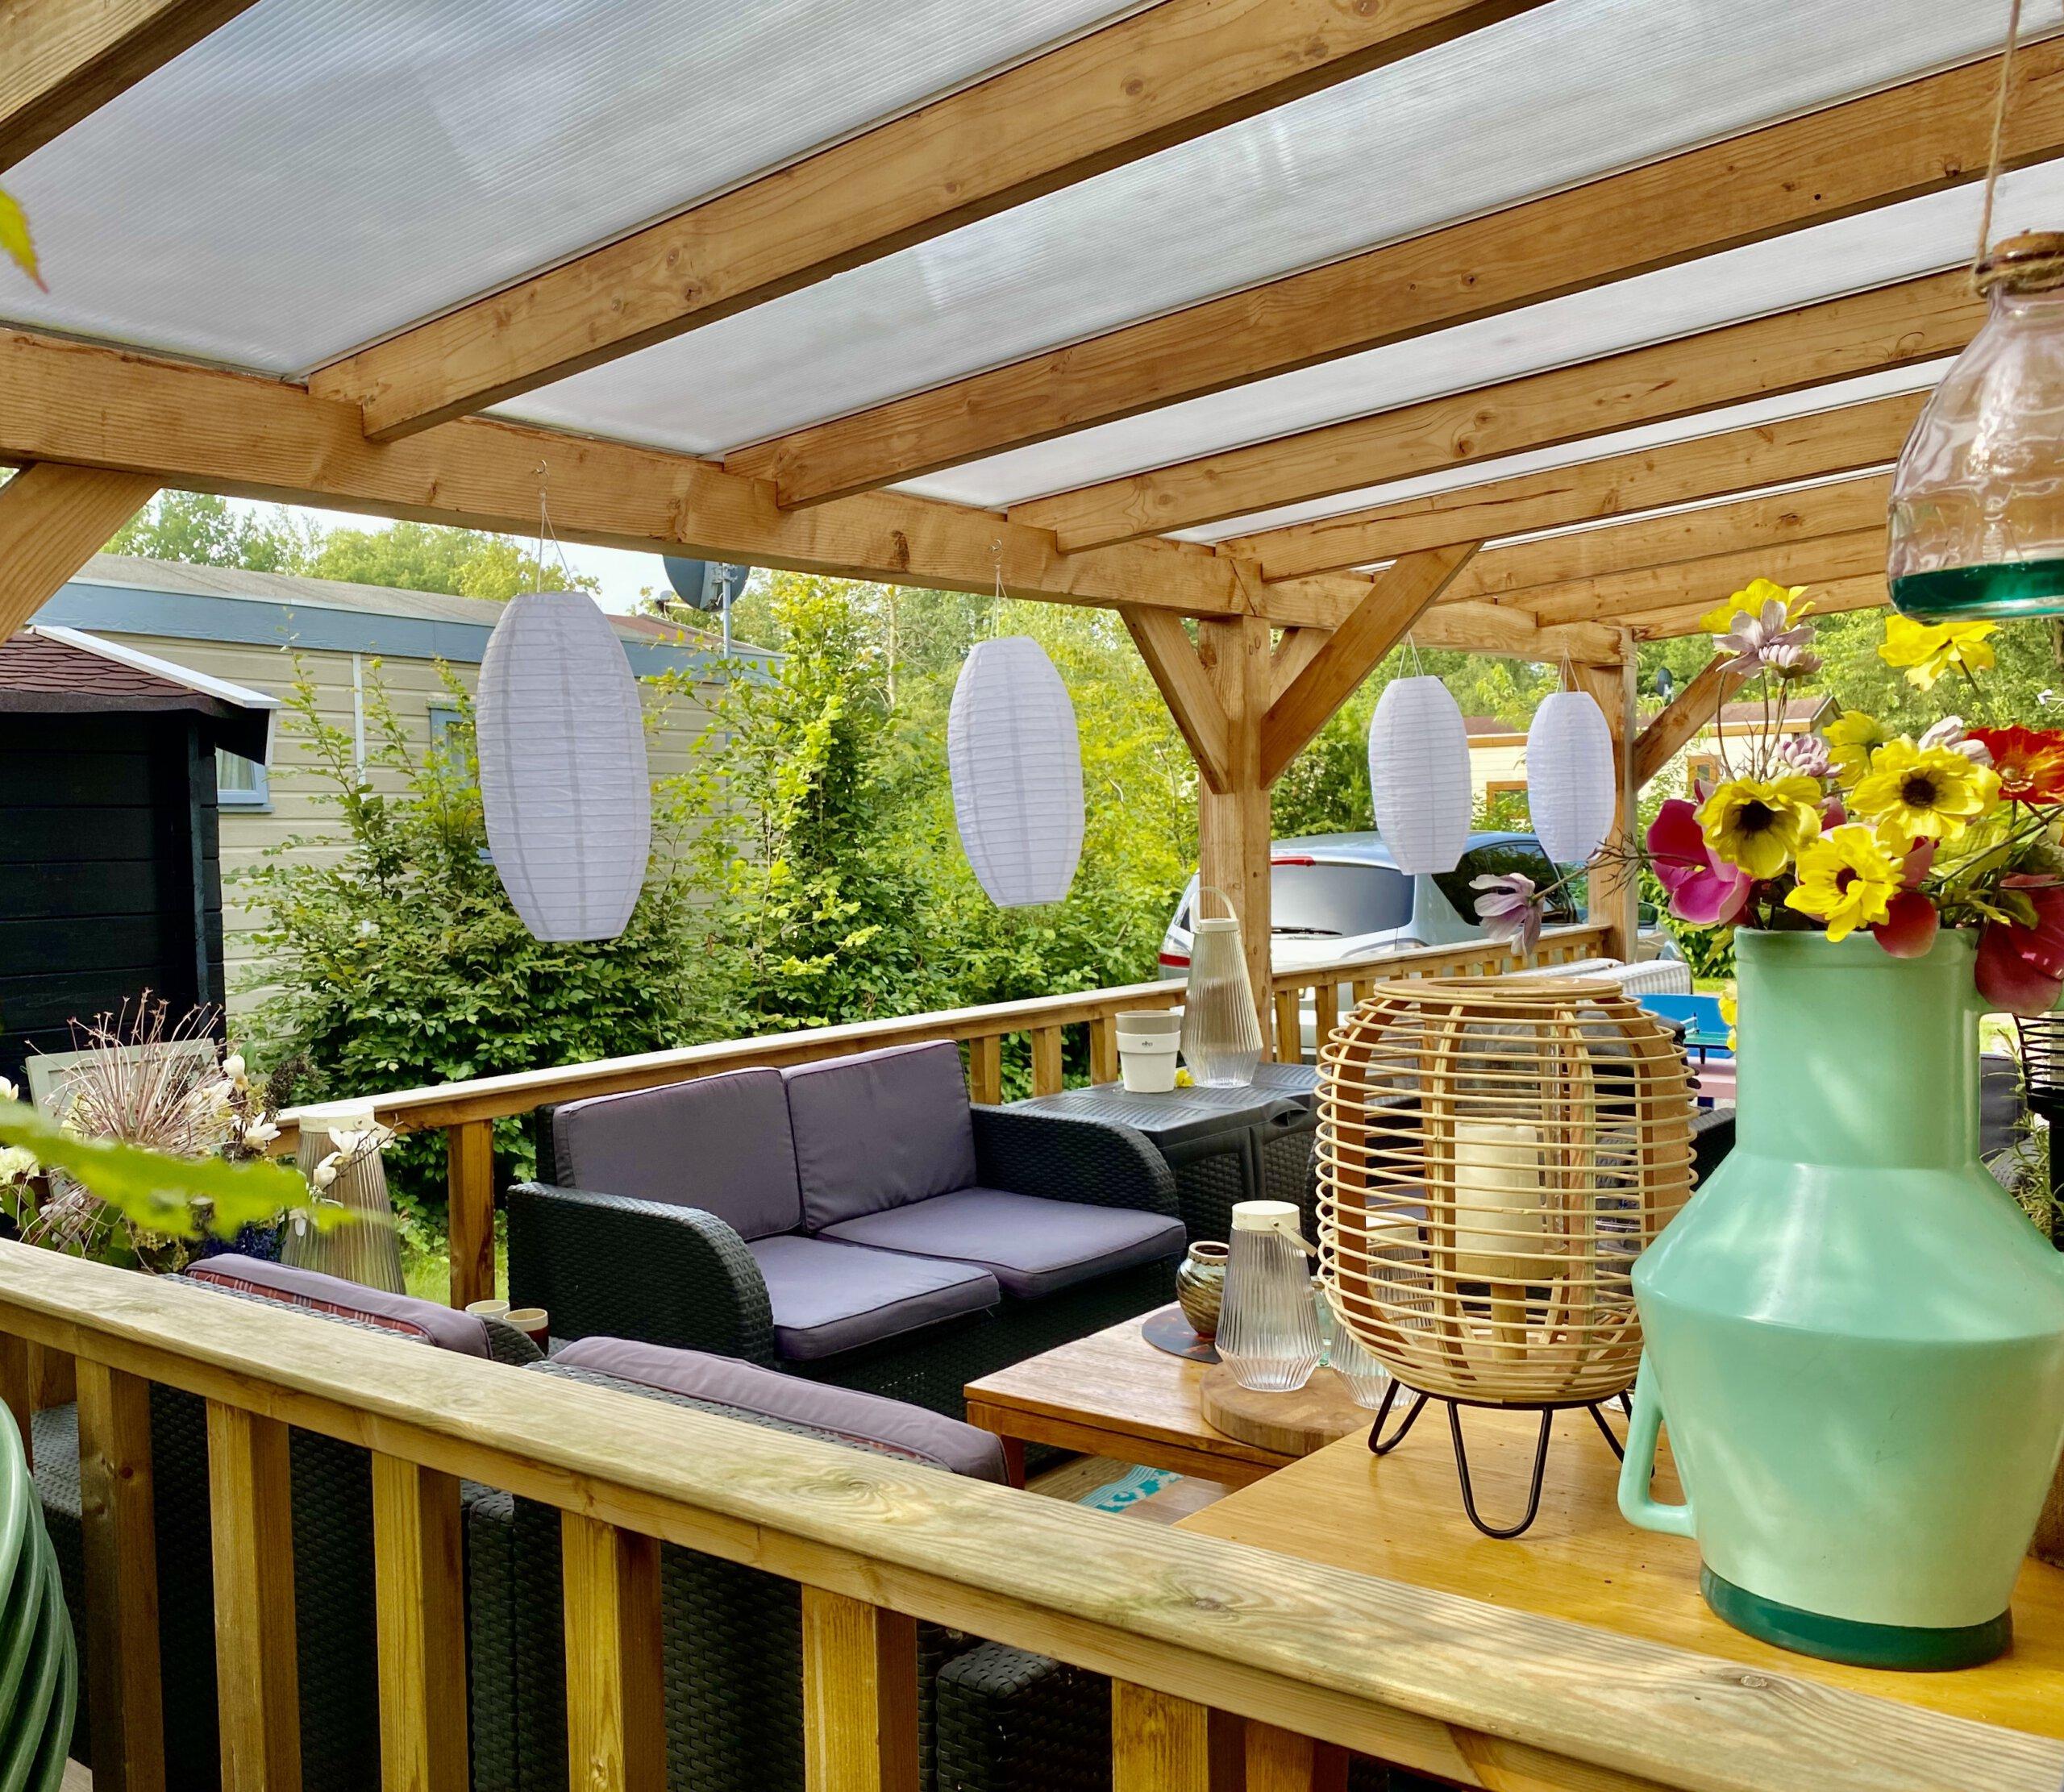 veranda, glazen schuifwanden, uitbouw, interieur, make-over, huisje